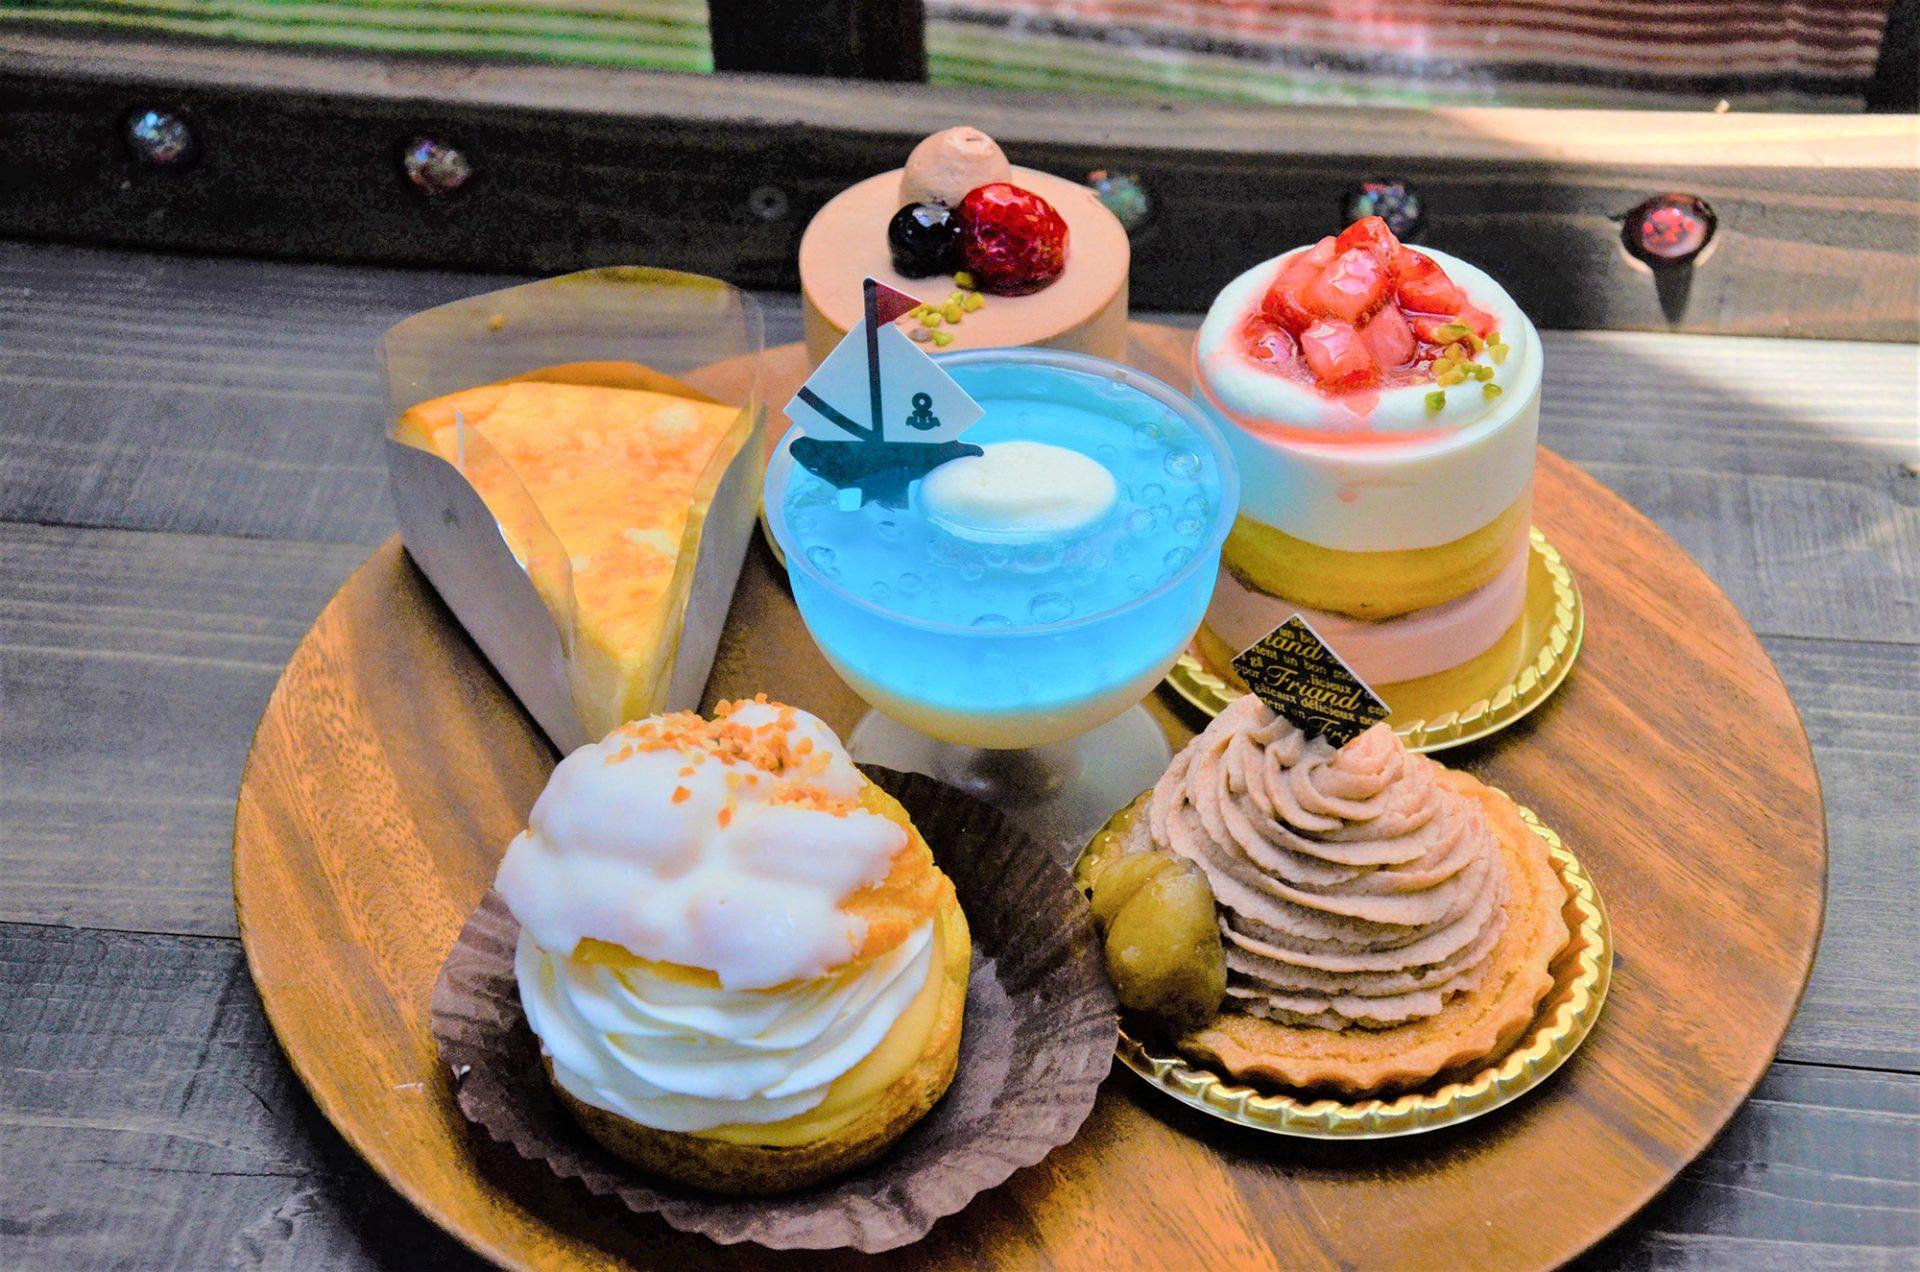 ろんろなーるでは、定番のケーキと季節のケーキがあります